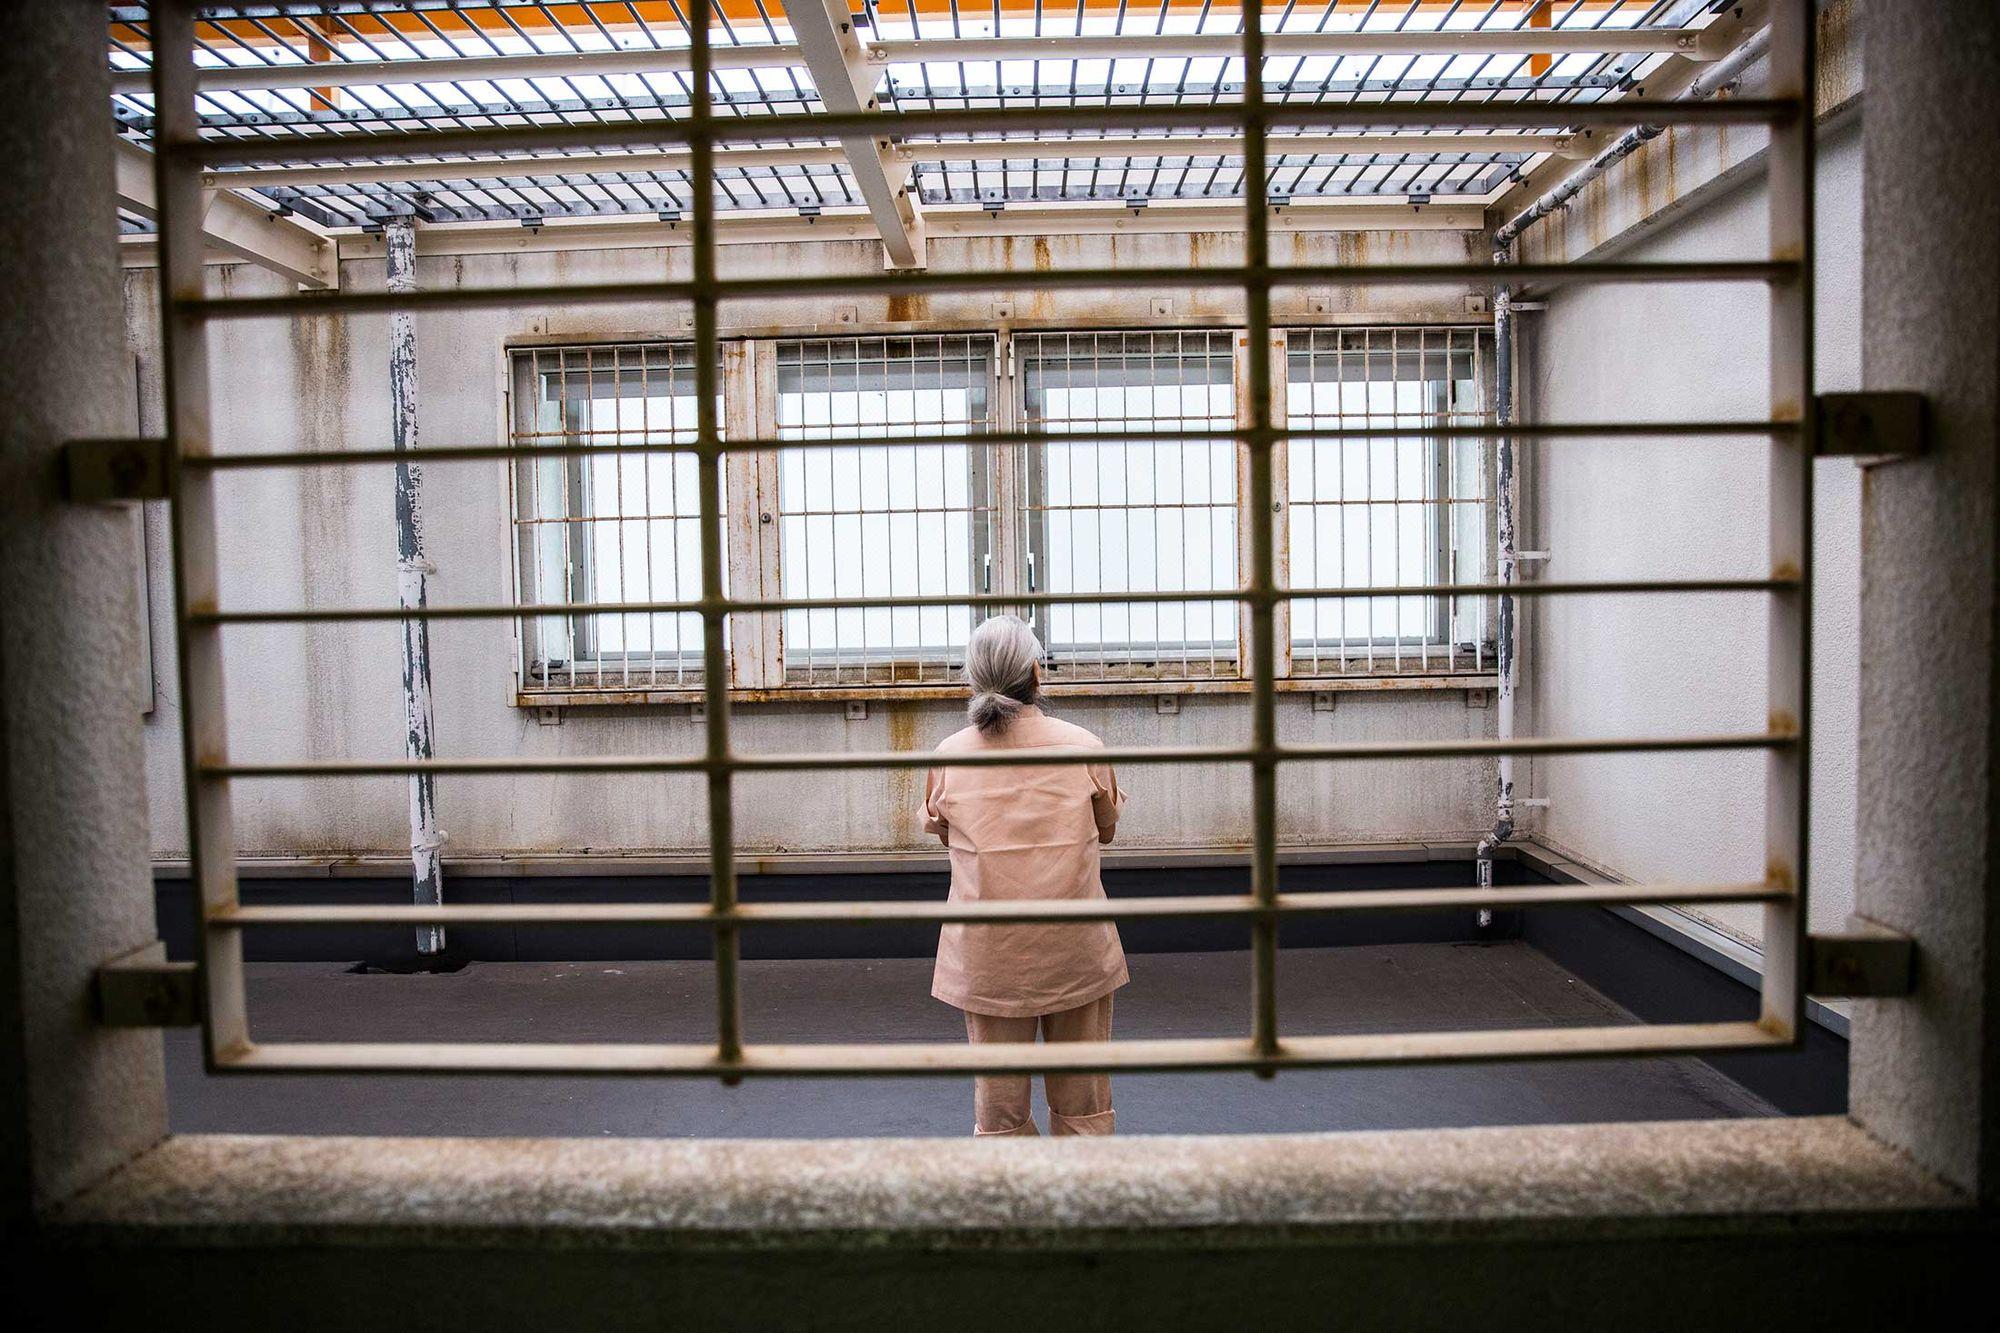 donne anziane carcere solitudine giappone